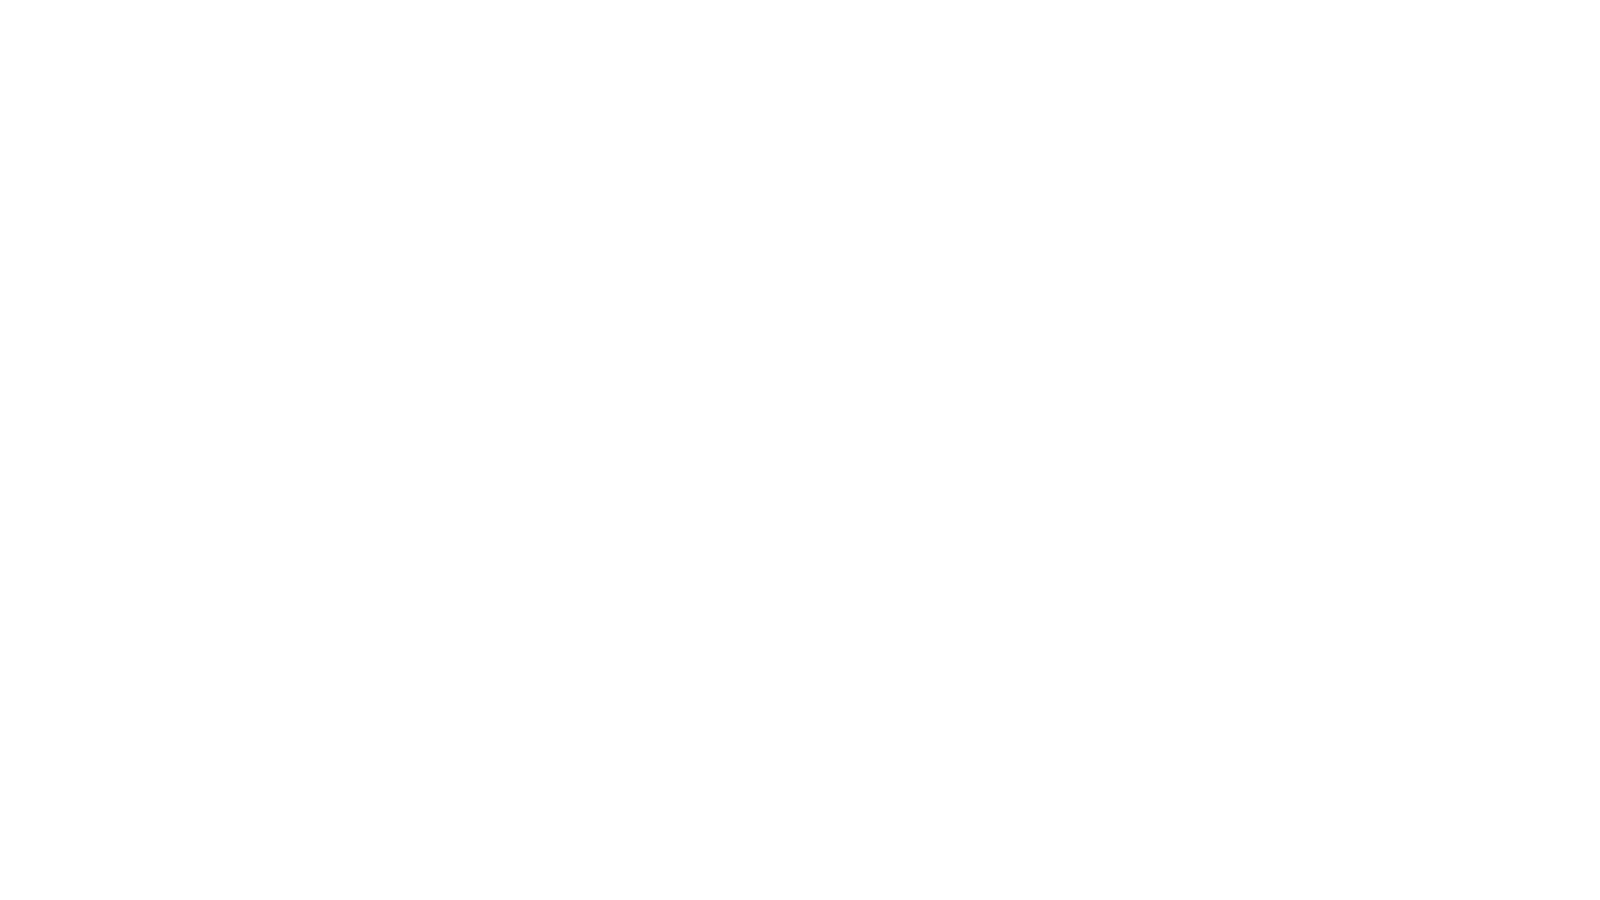 Sono aperte le iscrizioni per l'ammissione al Corso Triennale di Recitazione e di Regia del Centro Internazionale La Cometa.  Per essere ammessi al Triennio Accademico di Recitazione è necessario sostenere tre prove: Recitazione, Movimento e Educazione della Voce. Per essere ammessi al Triennio Accademico di Regia è necessario sostenere due prove: presentare un Piano di Regia su un testo teatrale scelto dal candidato e sostenere un colloquio che verterà sul materiale presentato, e la prova di Recitazione.  Oppure frequentare lo Stage Gratuito di Orientamento validi ai fini dell'ammissione al Triennio. Per avere informazioni più dettagliate prenota subito un colloquio gratuito! Risponderemo a tutte le tue domande.